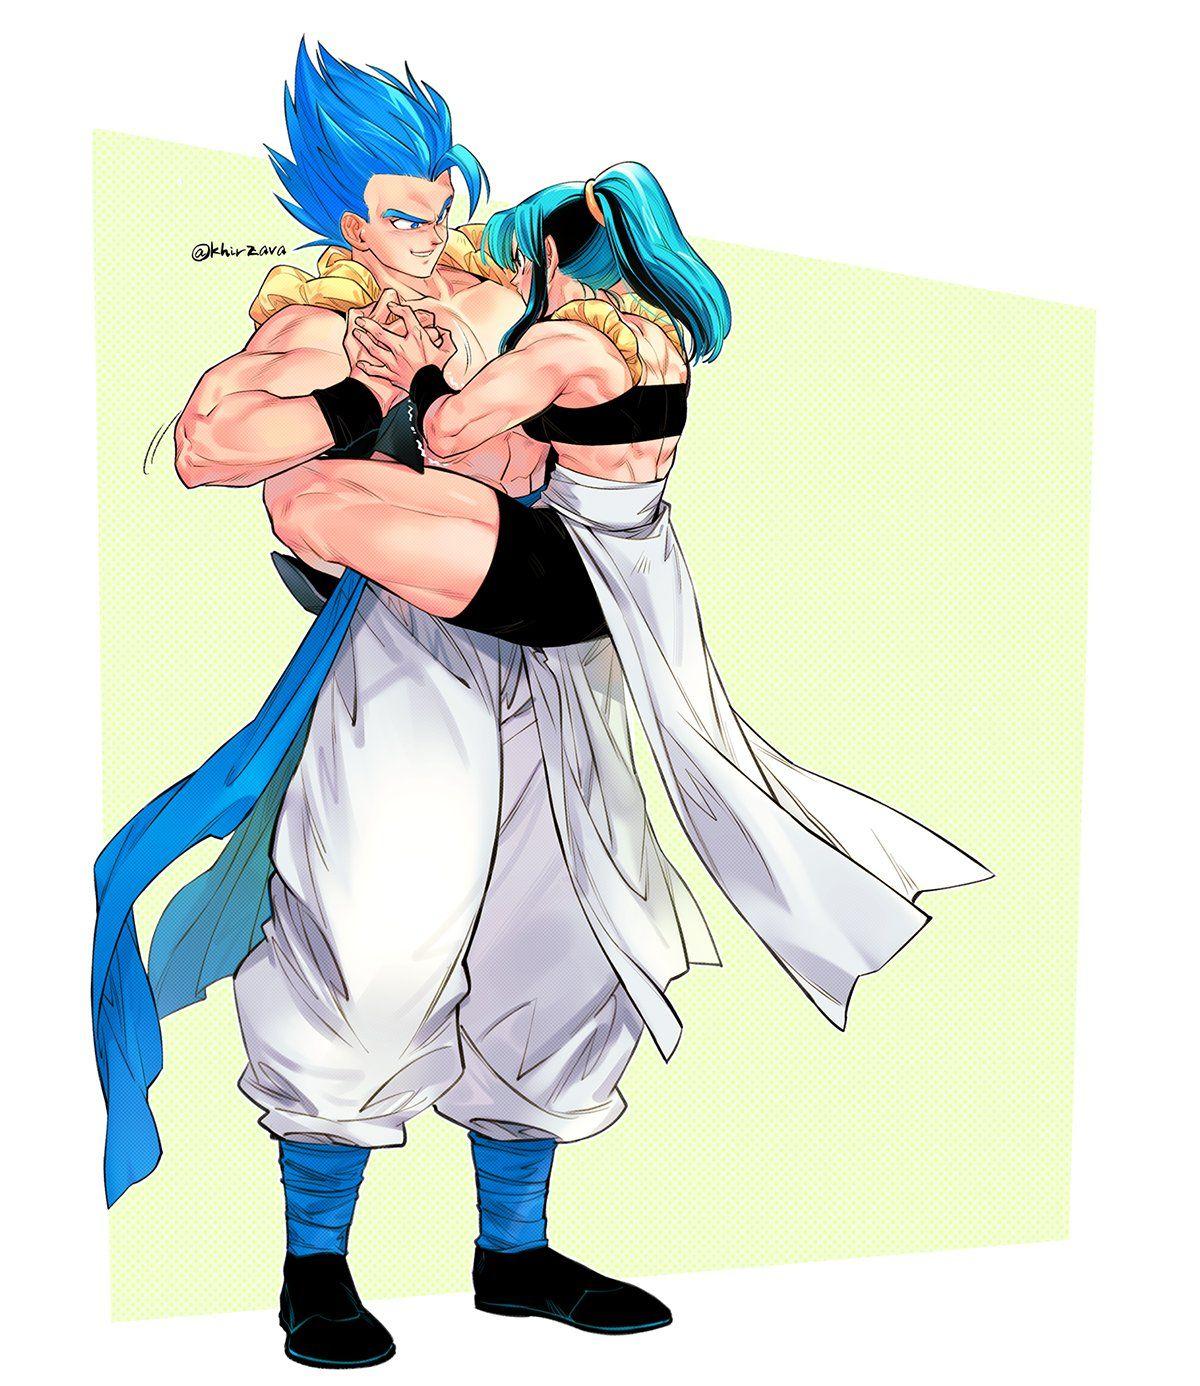 Rule 34 Goku